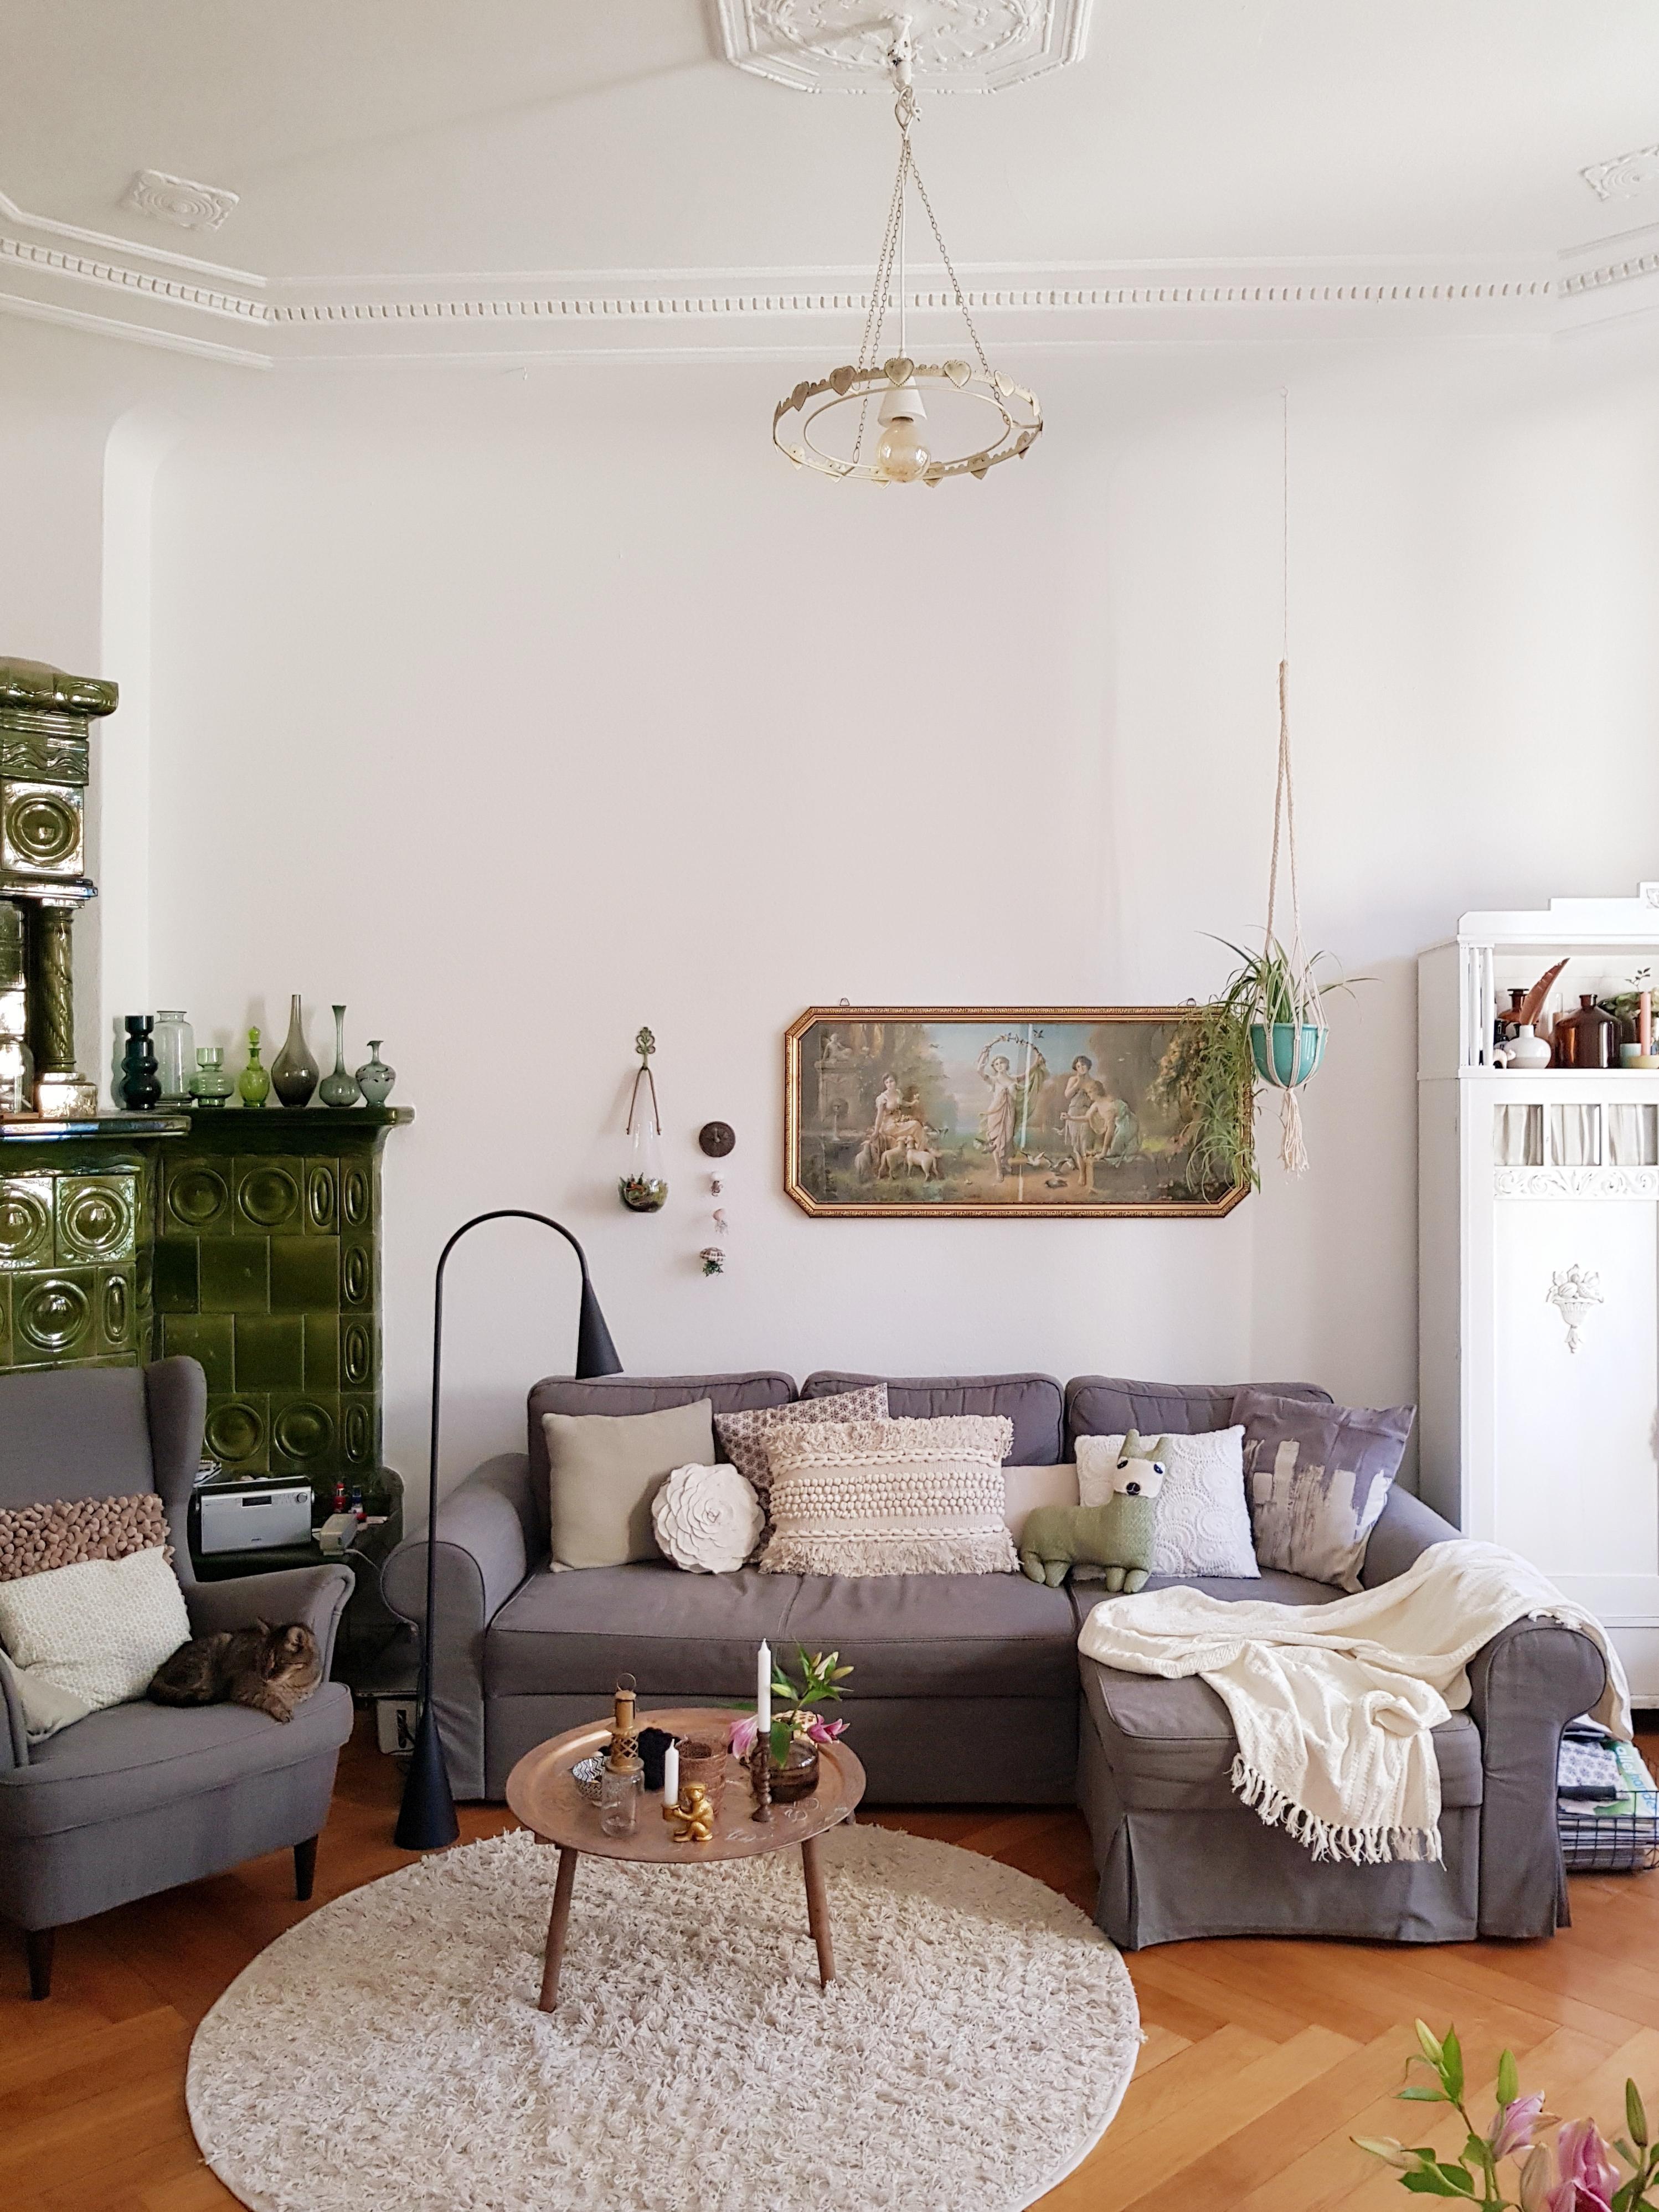 wohnzimmergestaltung mit farbigen mobeln, wohnzimmer bilder: lass dich inspirieren!, Ideen entwickeln